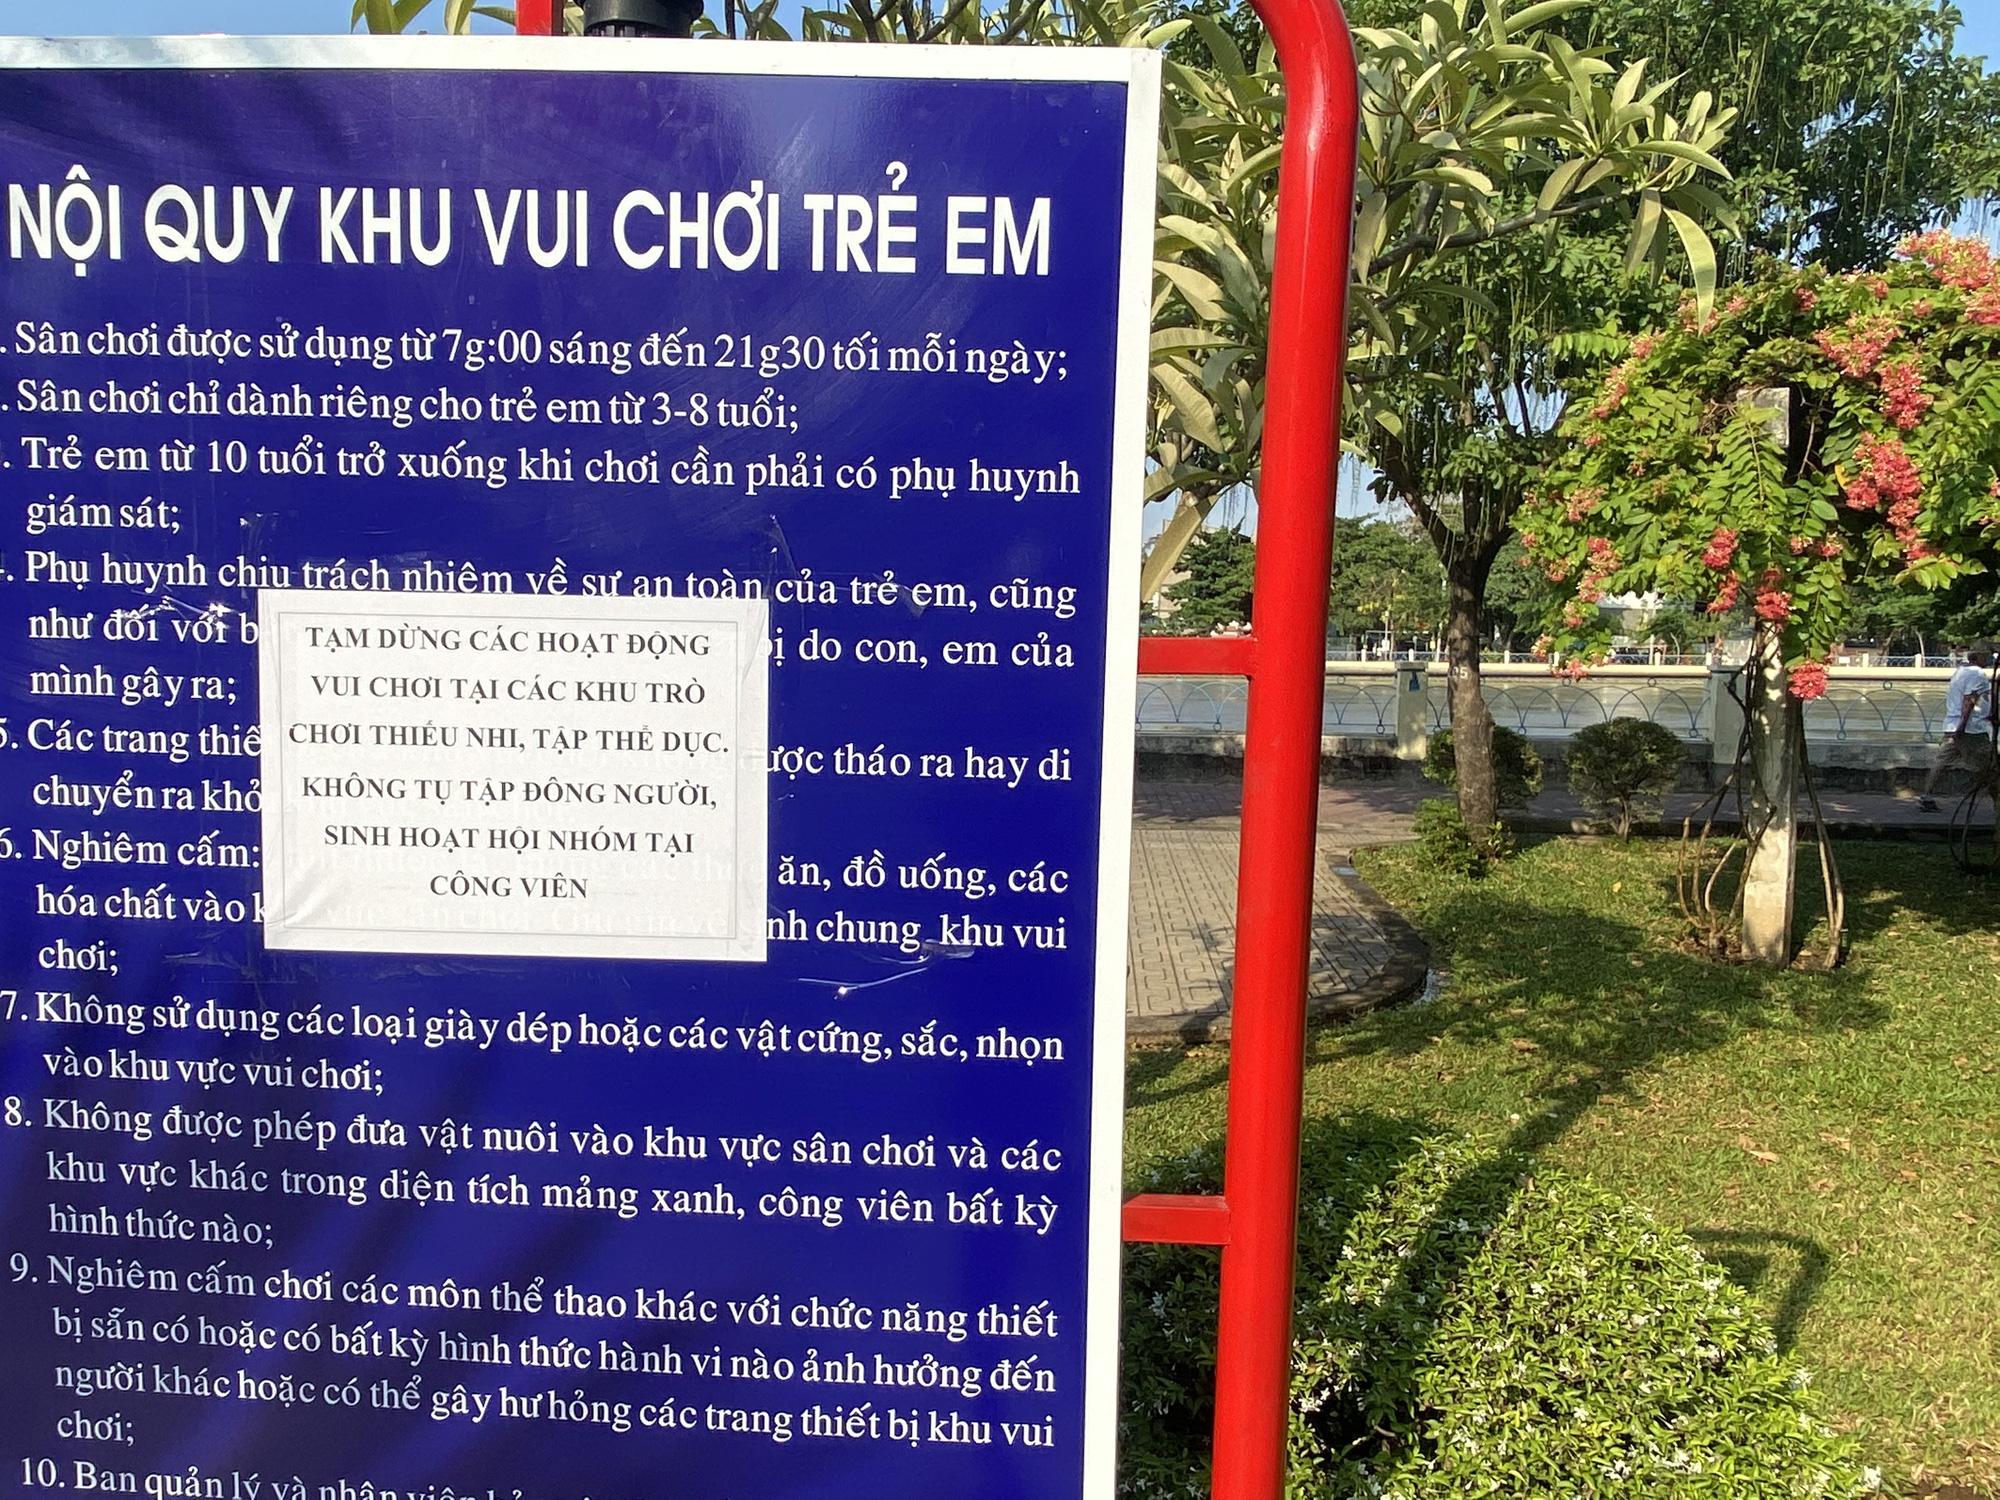 TP.HCM: Sân chơi công viên vắng ngắt, máy tập thể dục bị niêm phong sau lệnh tạm ngưng hoạt động phòng chống dịch Covid-19 - Ảnh 12.